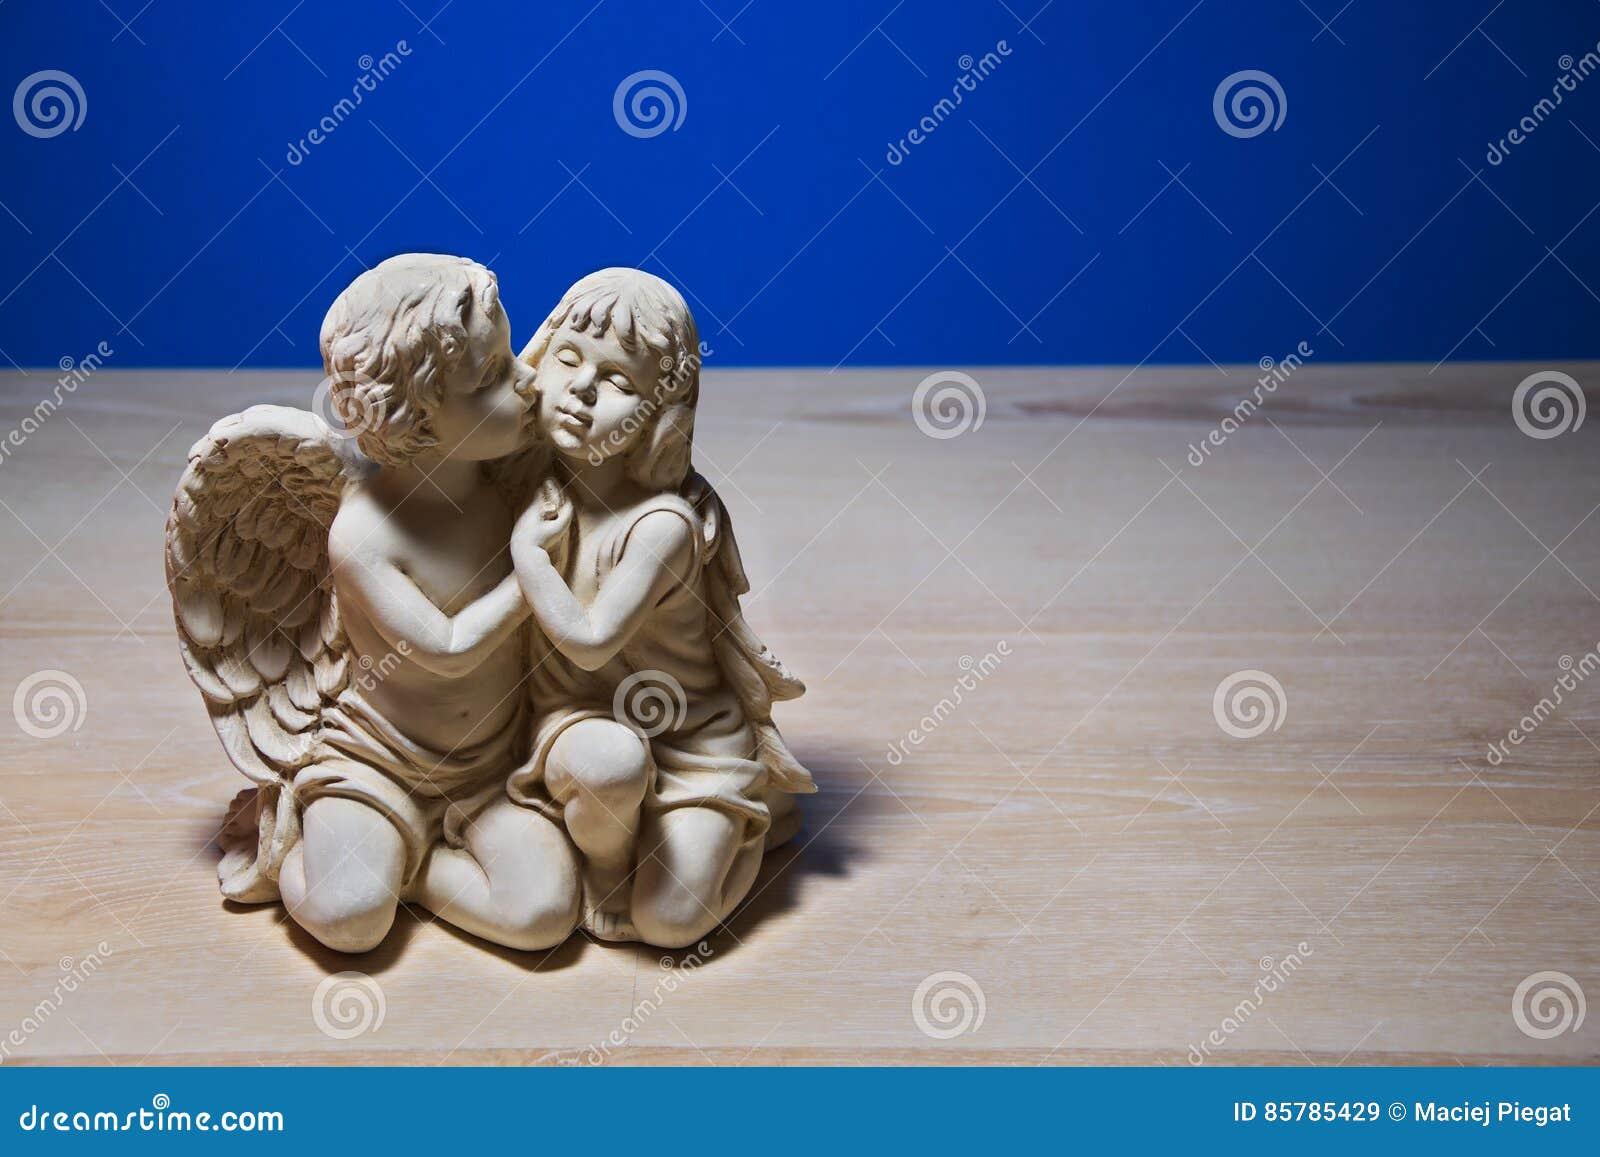 Ragazza sotto la protezione di un angelo figurina sulla - Un ampolla sulla tavola ...